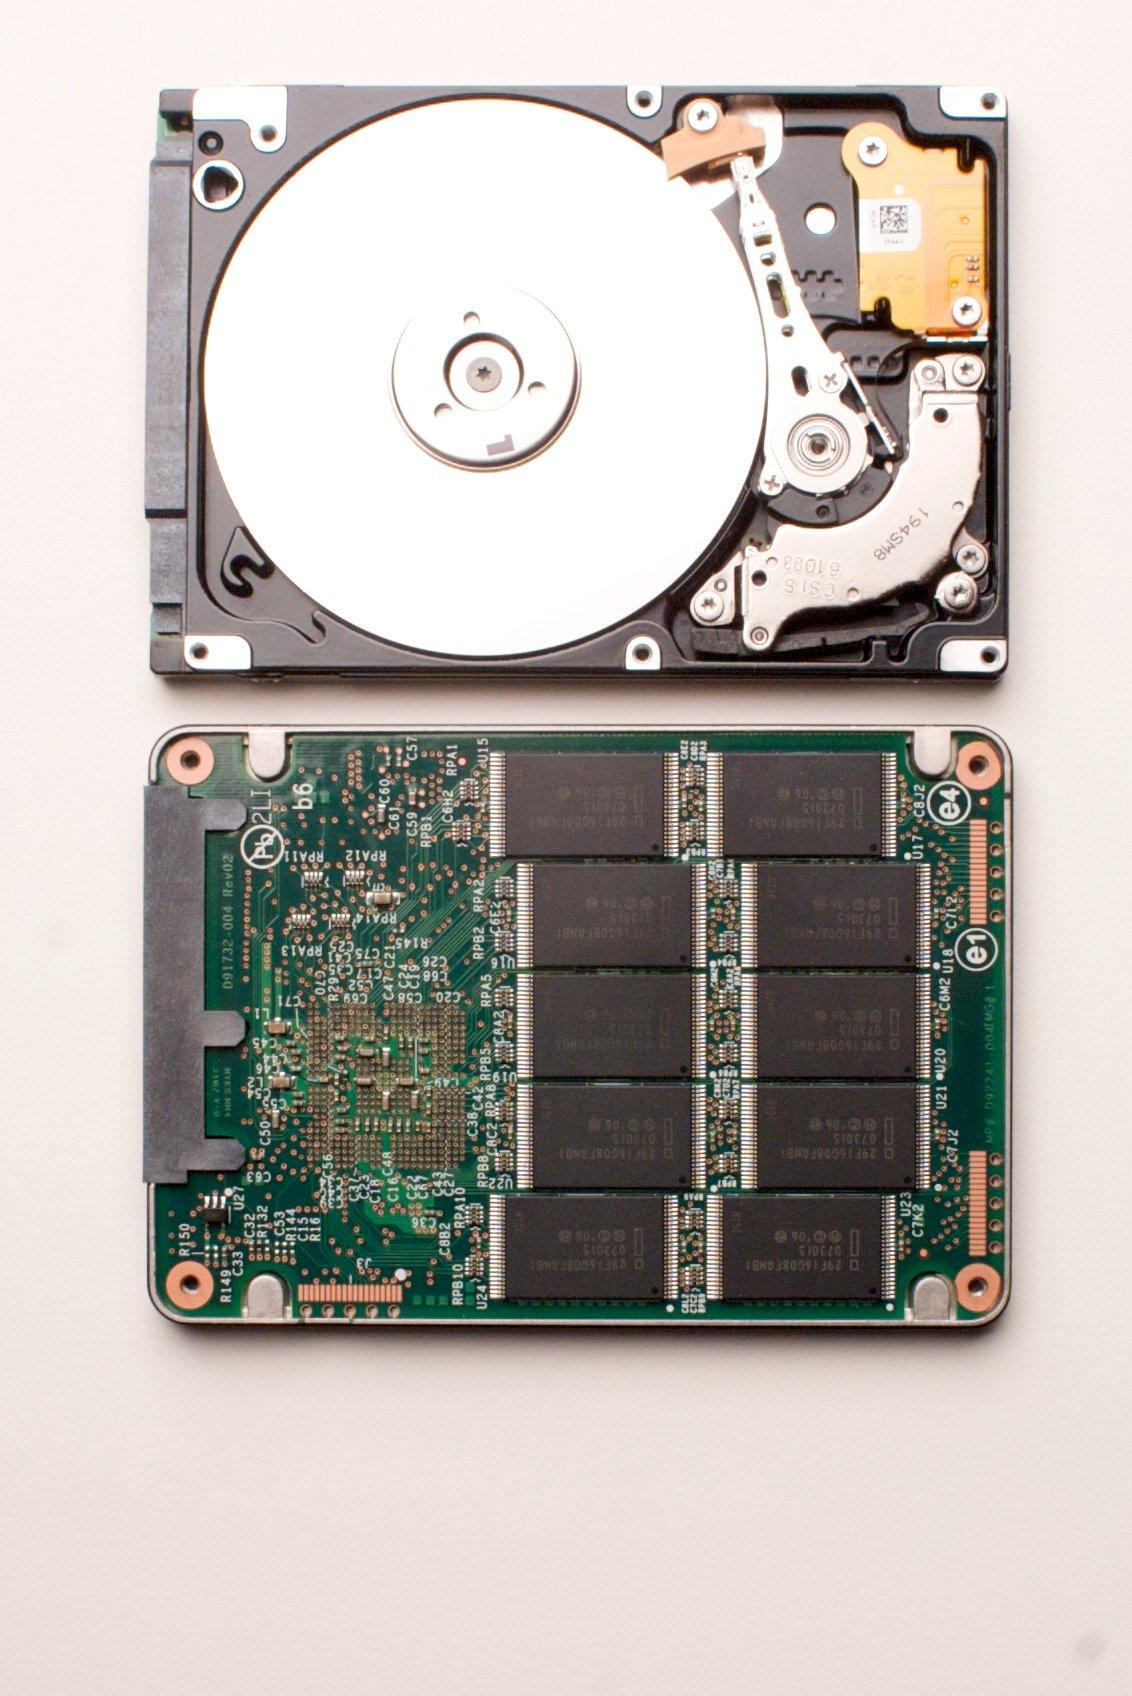 IDF: Schnelle SATA-SSDs mit bis zu 160 GByte von Intel (U) - Intels SSD von Innen